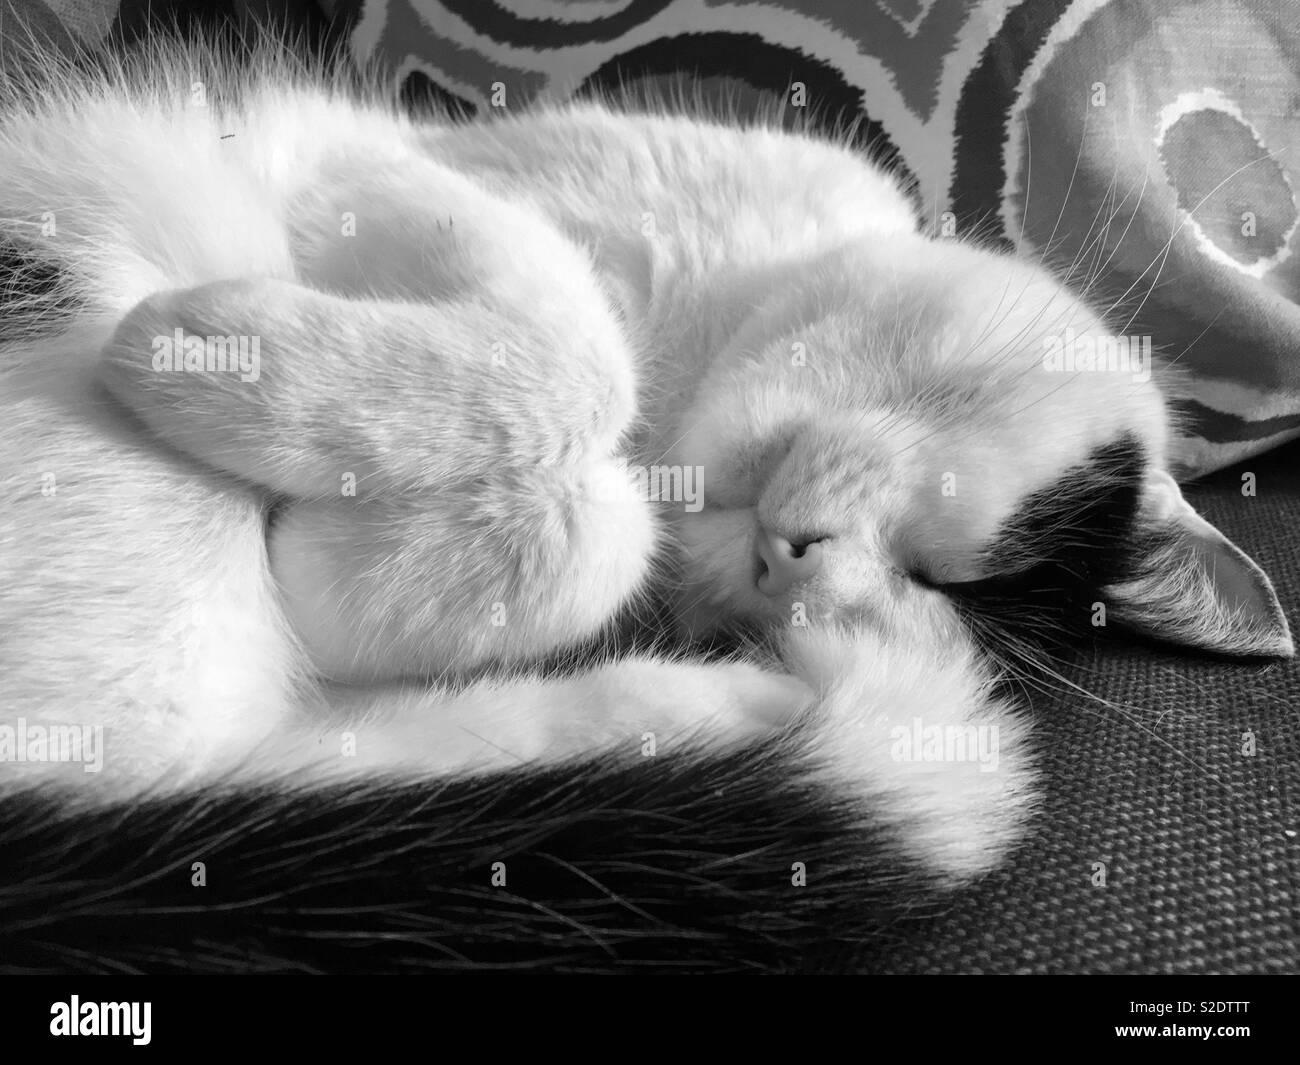 Cute sleeping cat - Stock Image